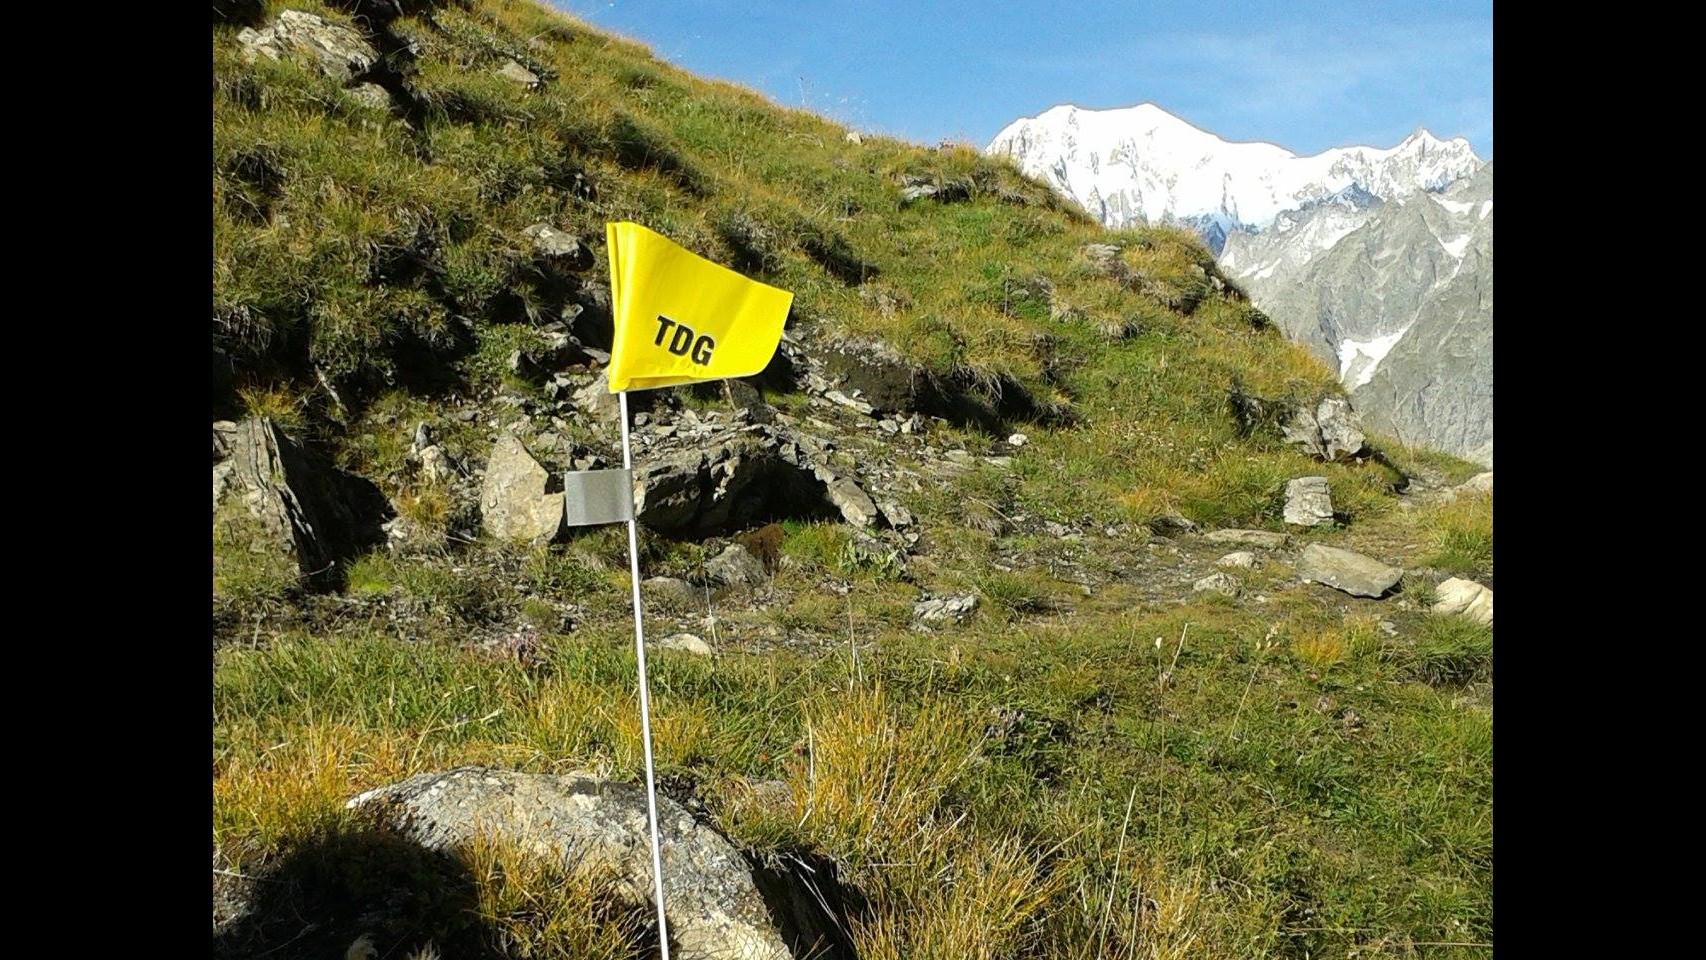 Ultra trail, al via il Tor des Geants:330 chilometri su Alpi valdostane